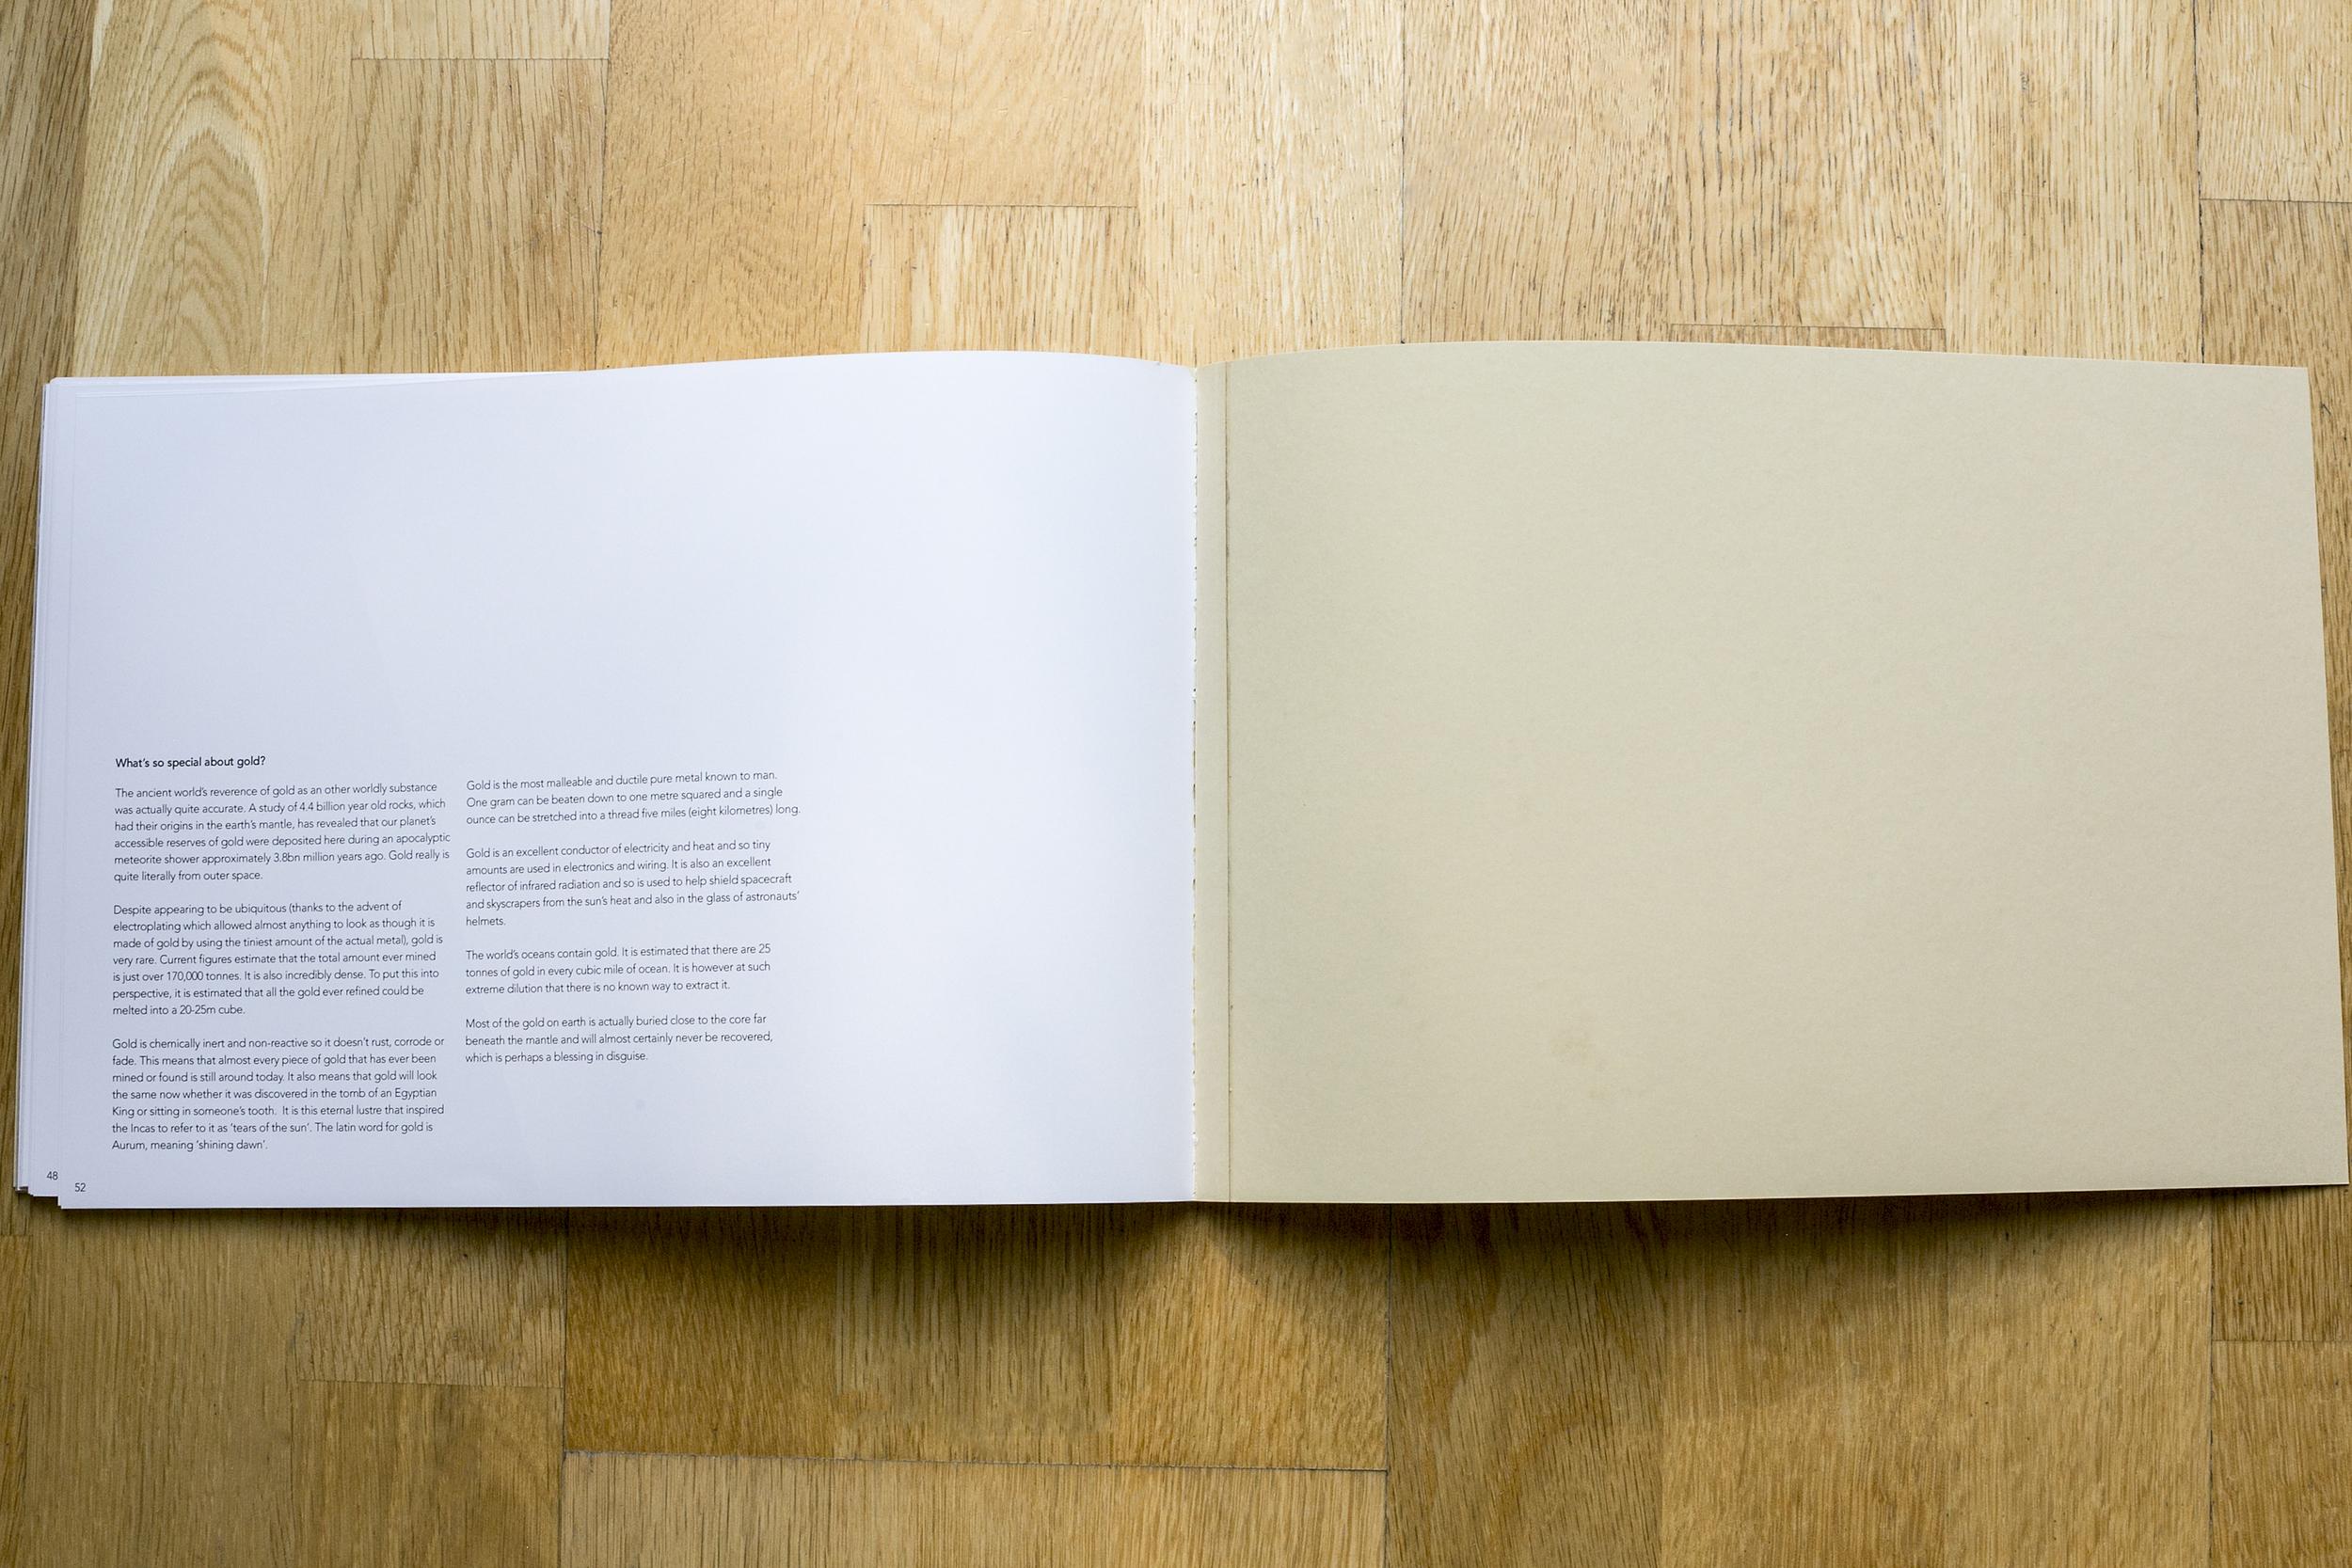 Gold fever book-30.jpg